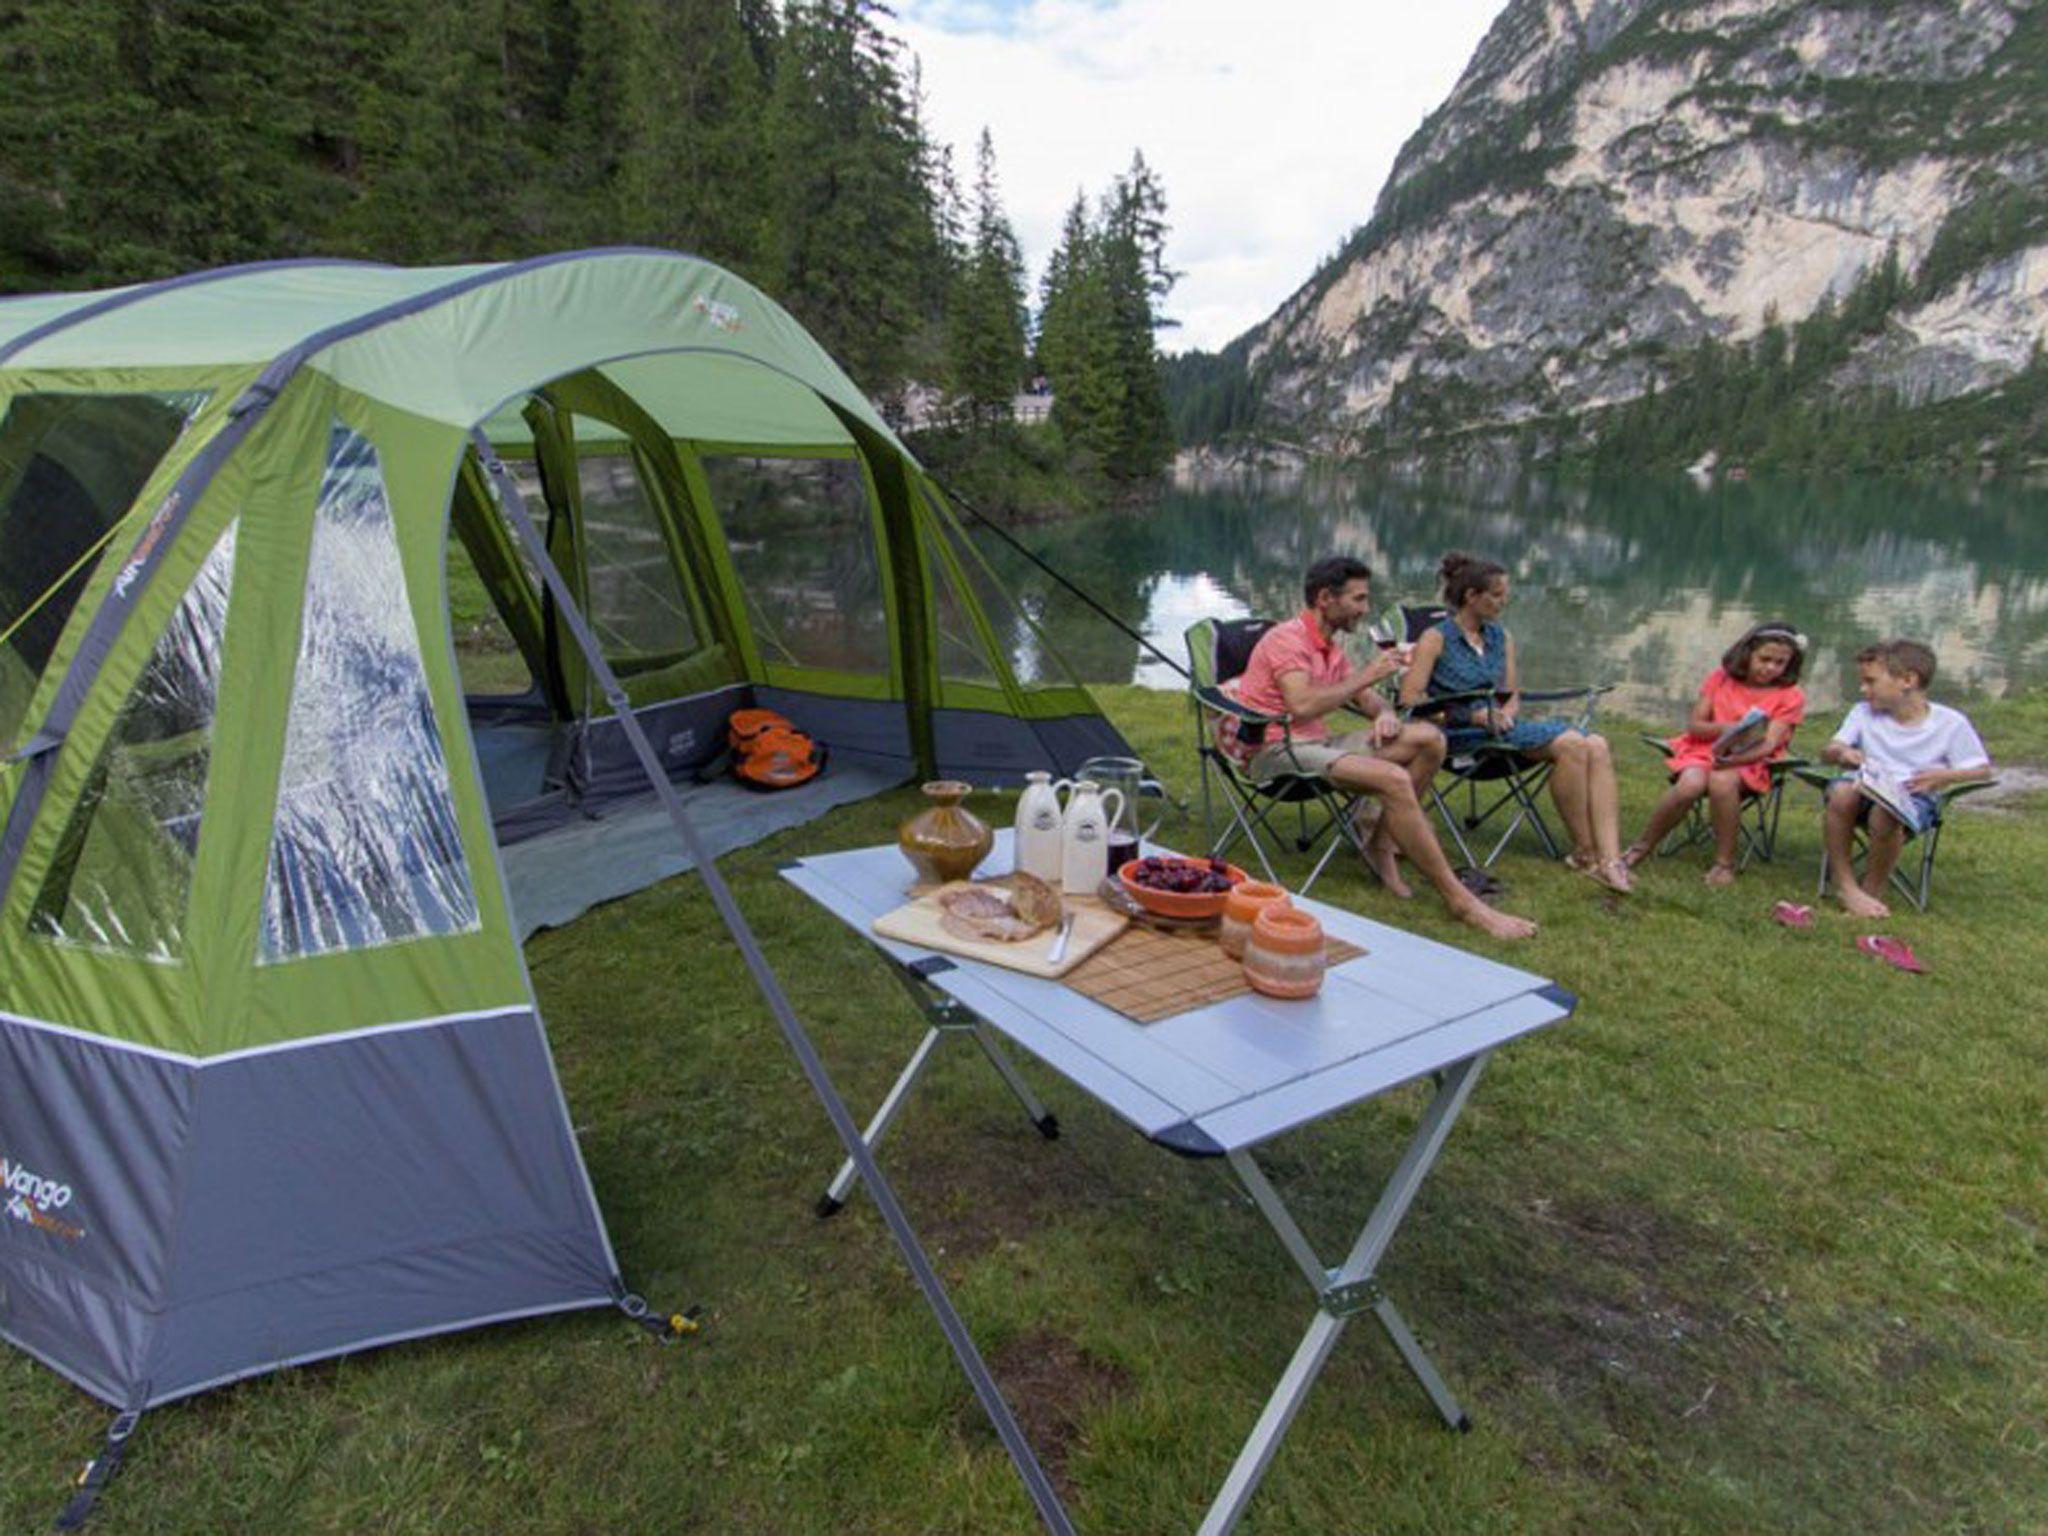 8 best family tents & 8 best family tents | Tents Rv and Campsite